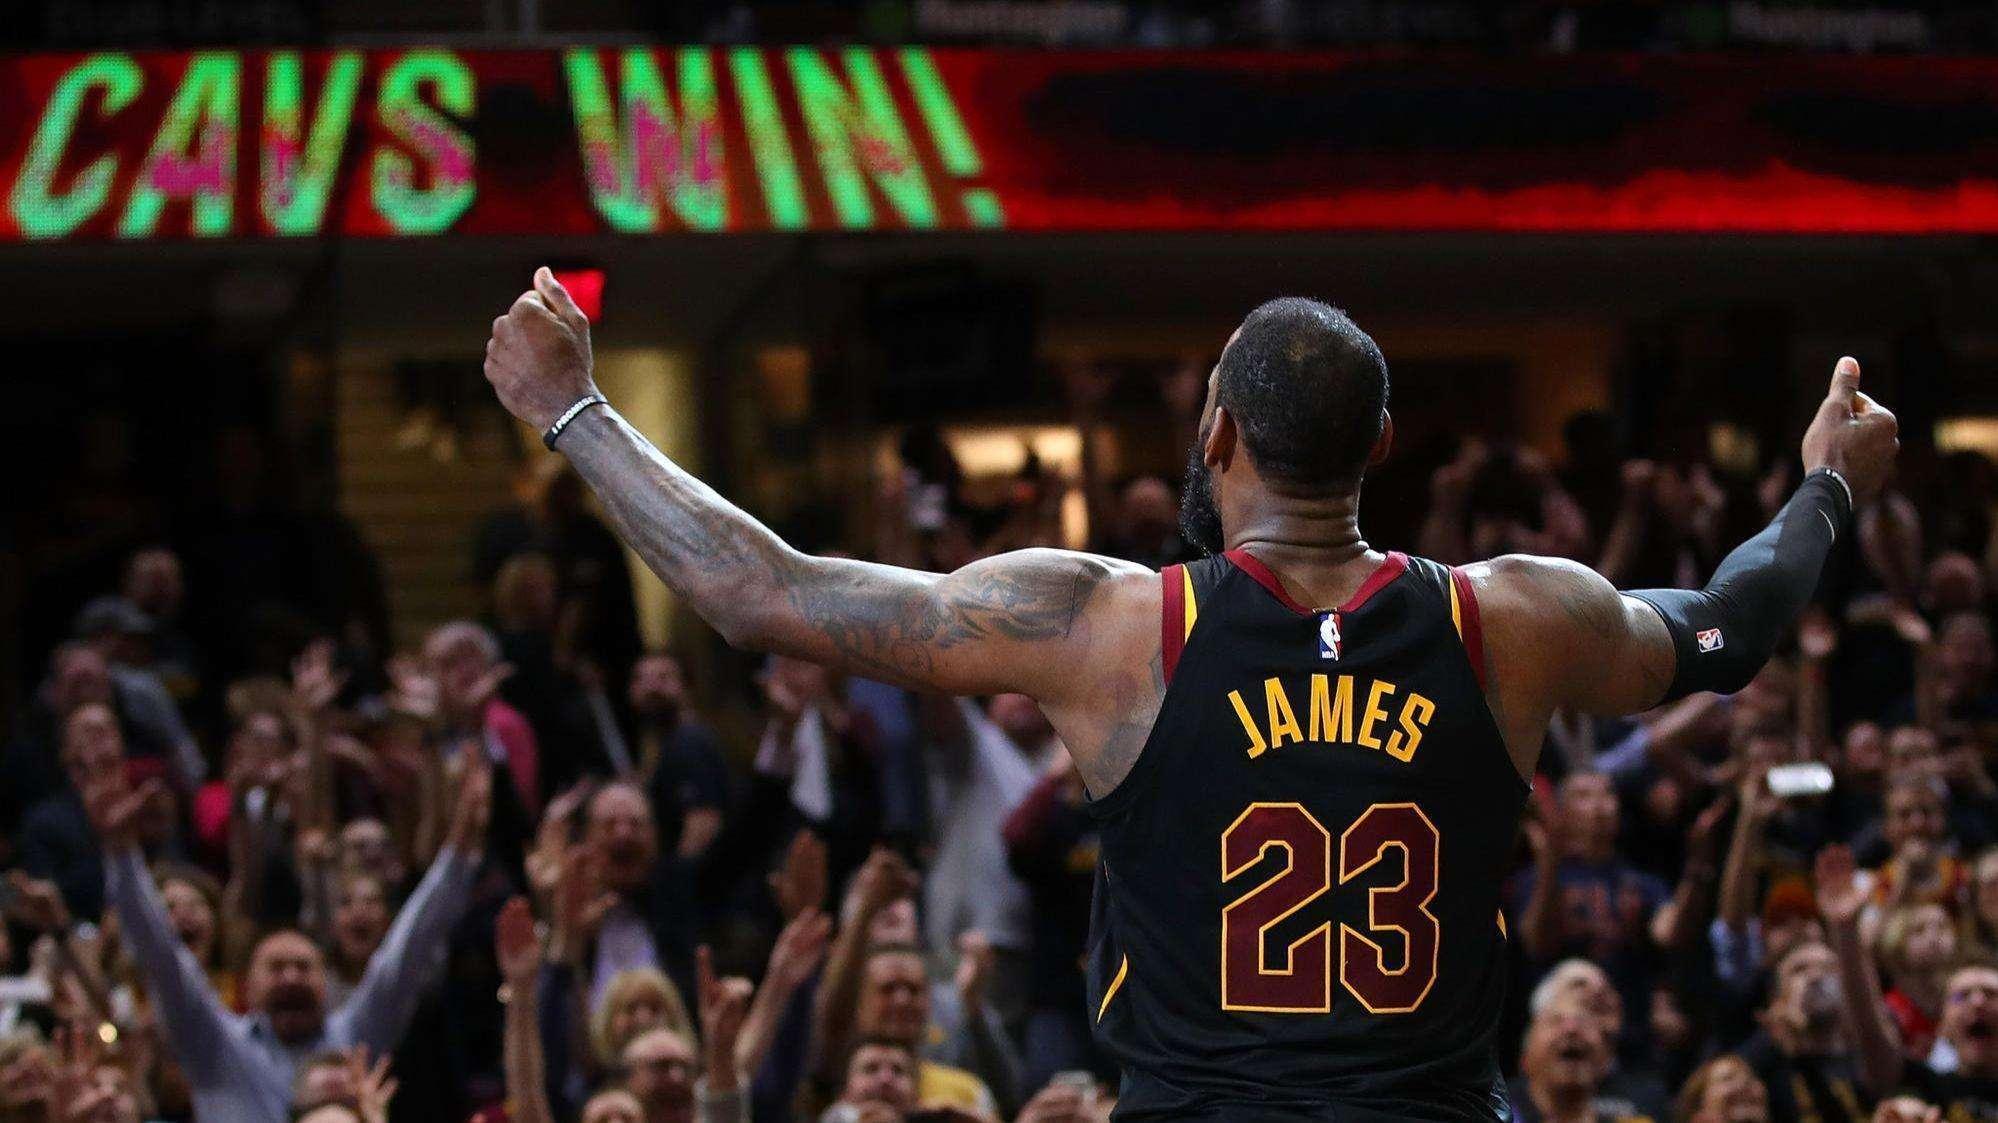 詹姆斯在2018年季后赛打出了生涯最为疯狂的表现